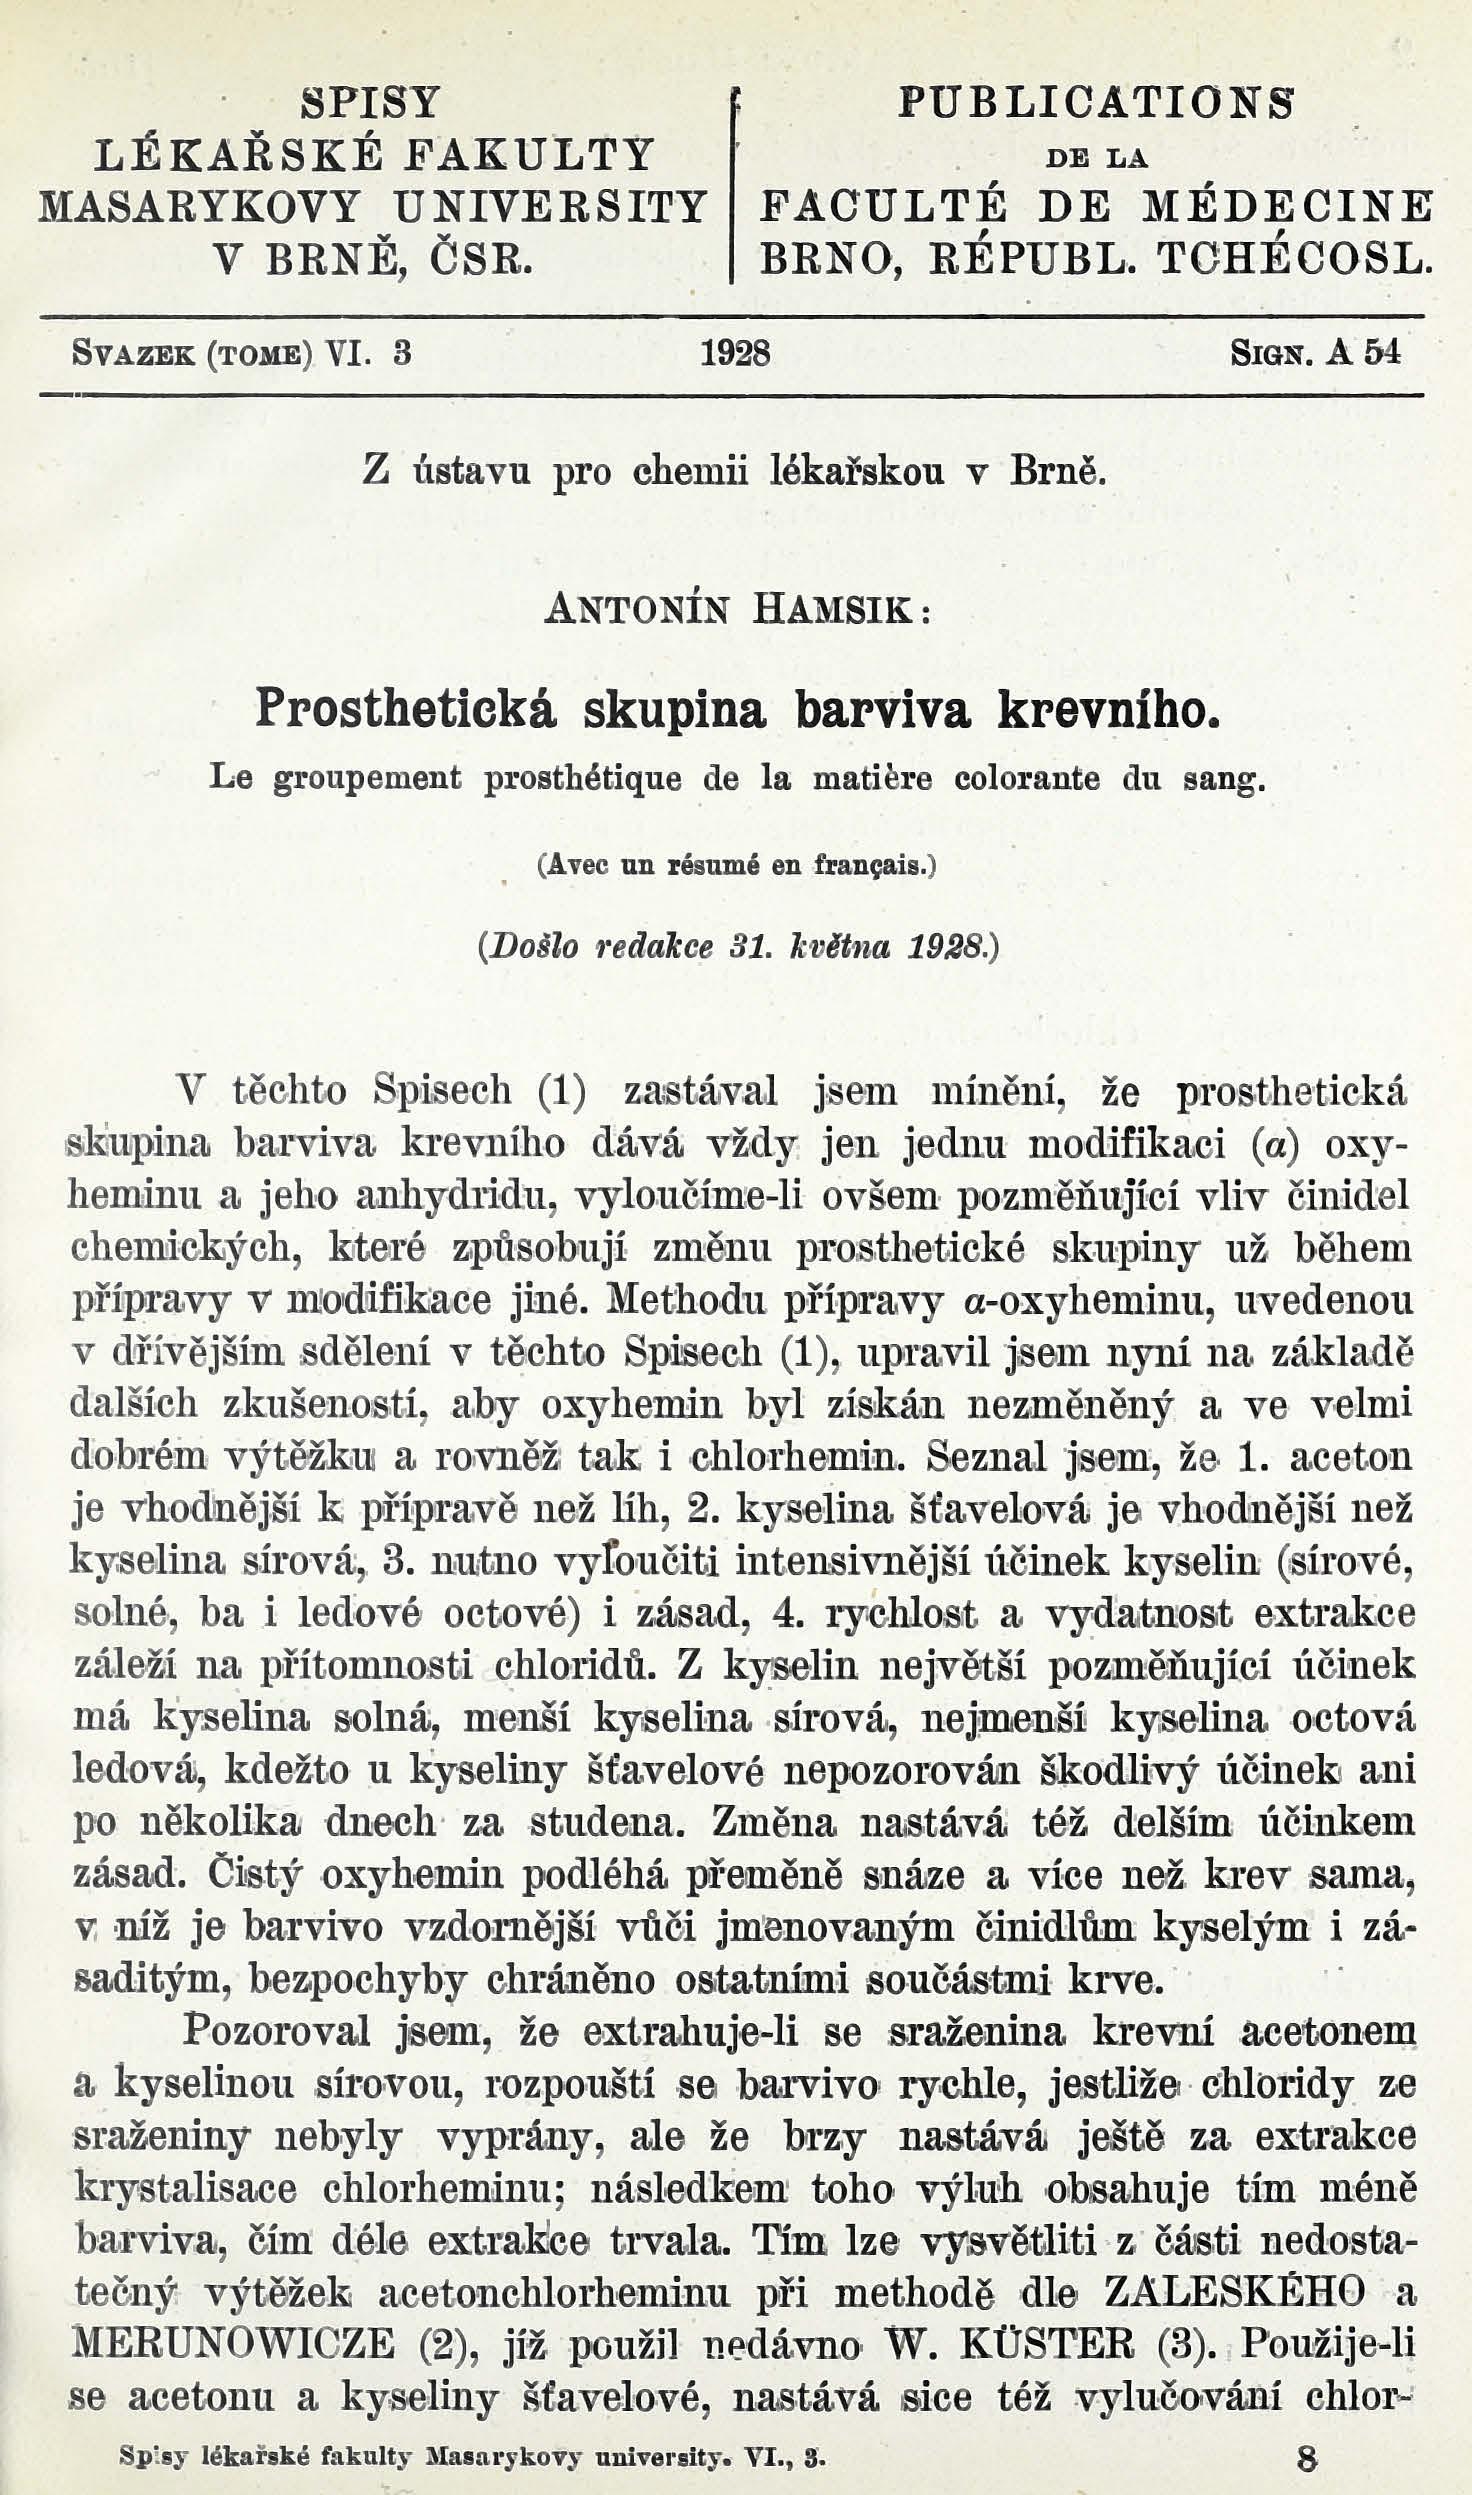 Obálka pro Prosthetická skupina barviva krevního / Le groupement prosthétique de la matière colorante du sang